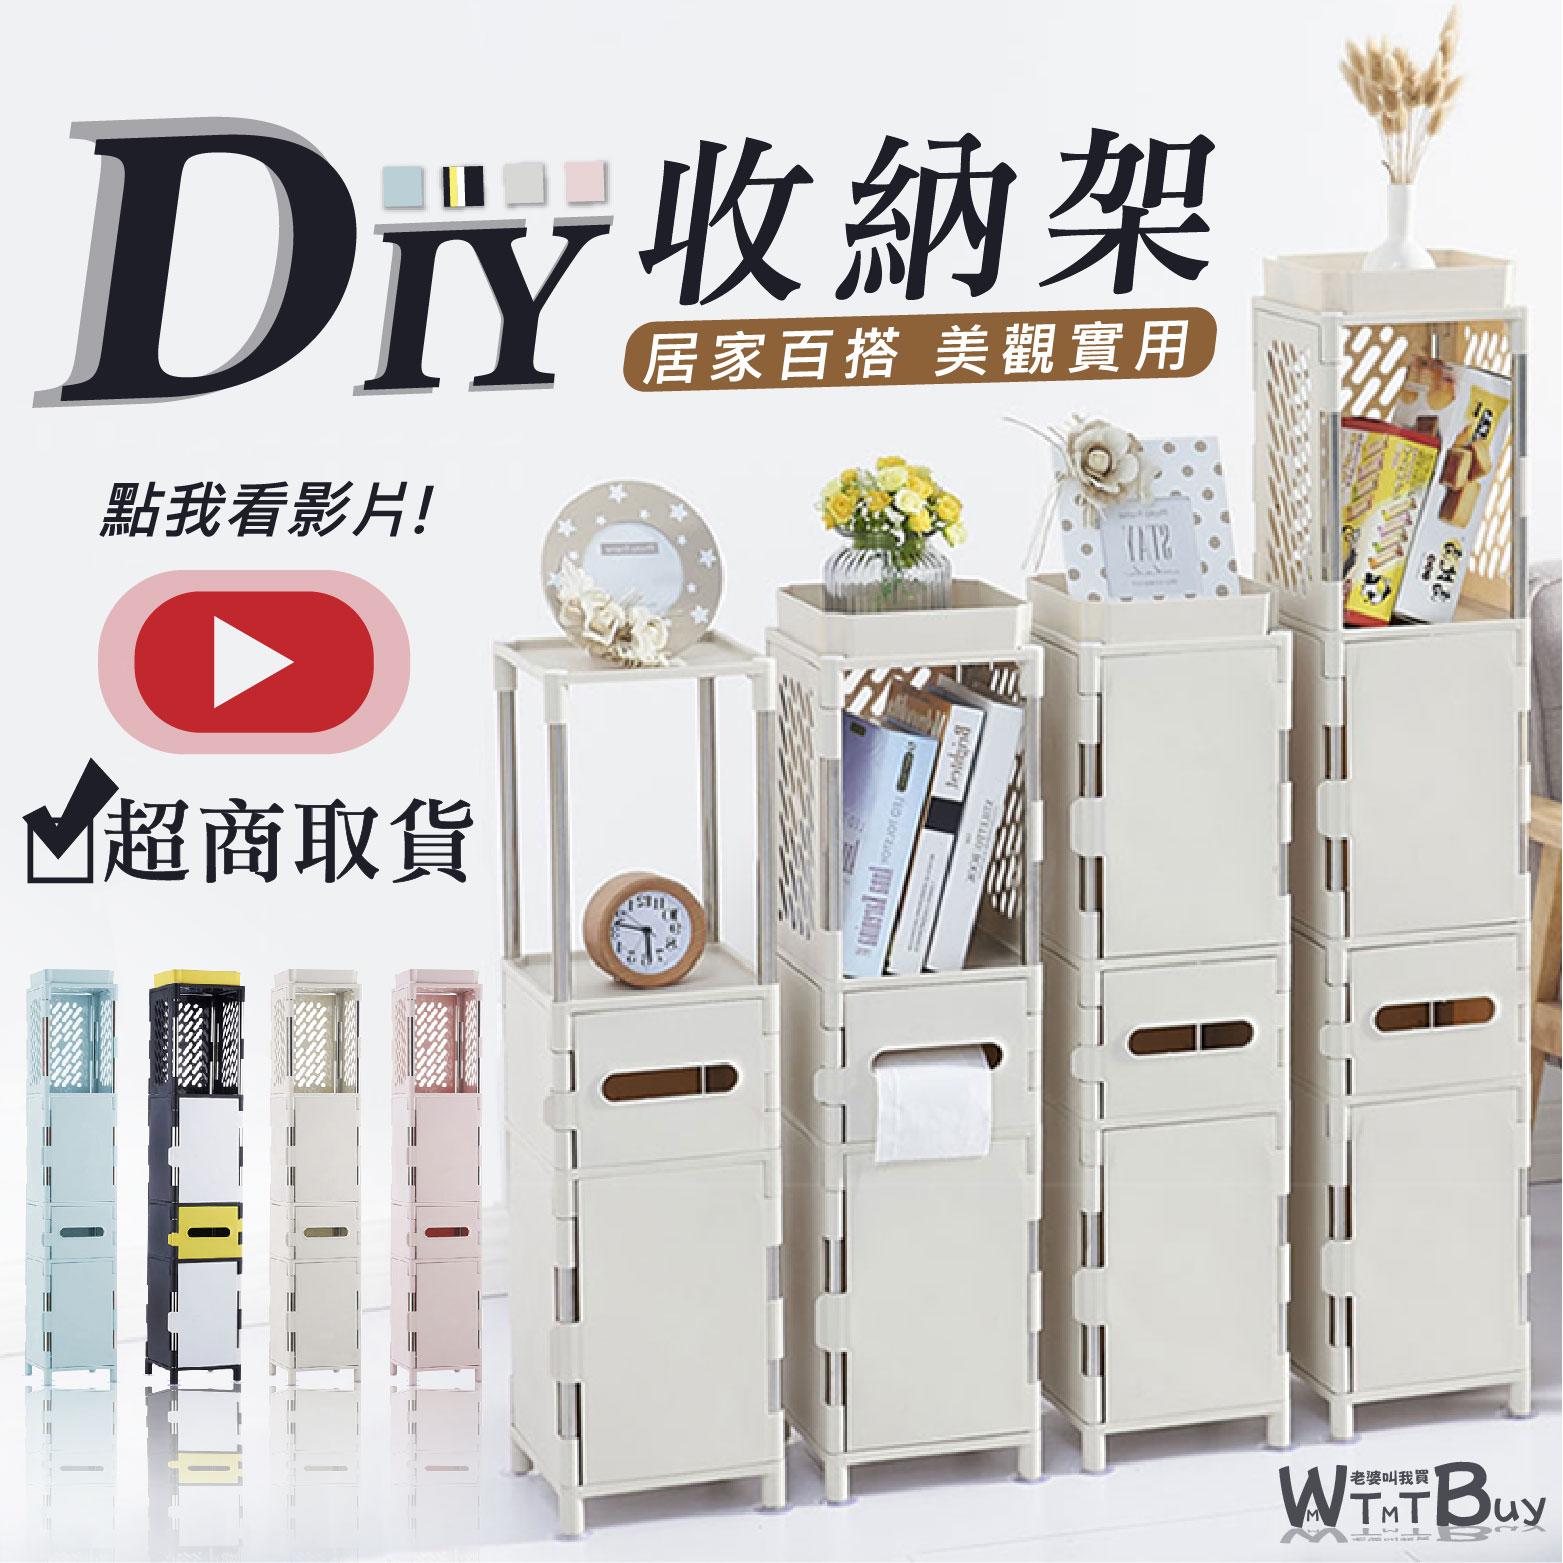 老婆叫我買🇹🇼 DIY北歐風居家收納櫃 浴室收納 廚房收納 組合櫃 收納櫃 置物架 書櫃 零食箱 玩具櫃 衛生紙盒